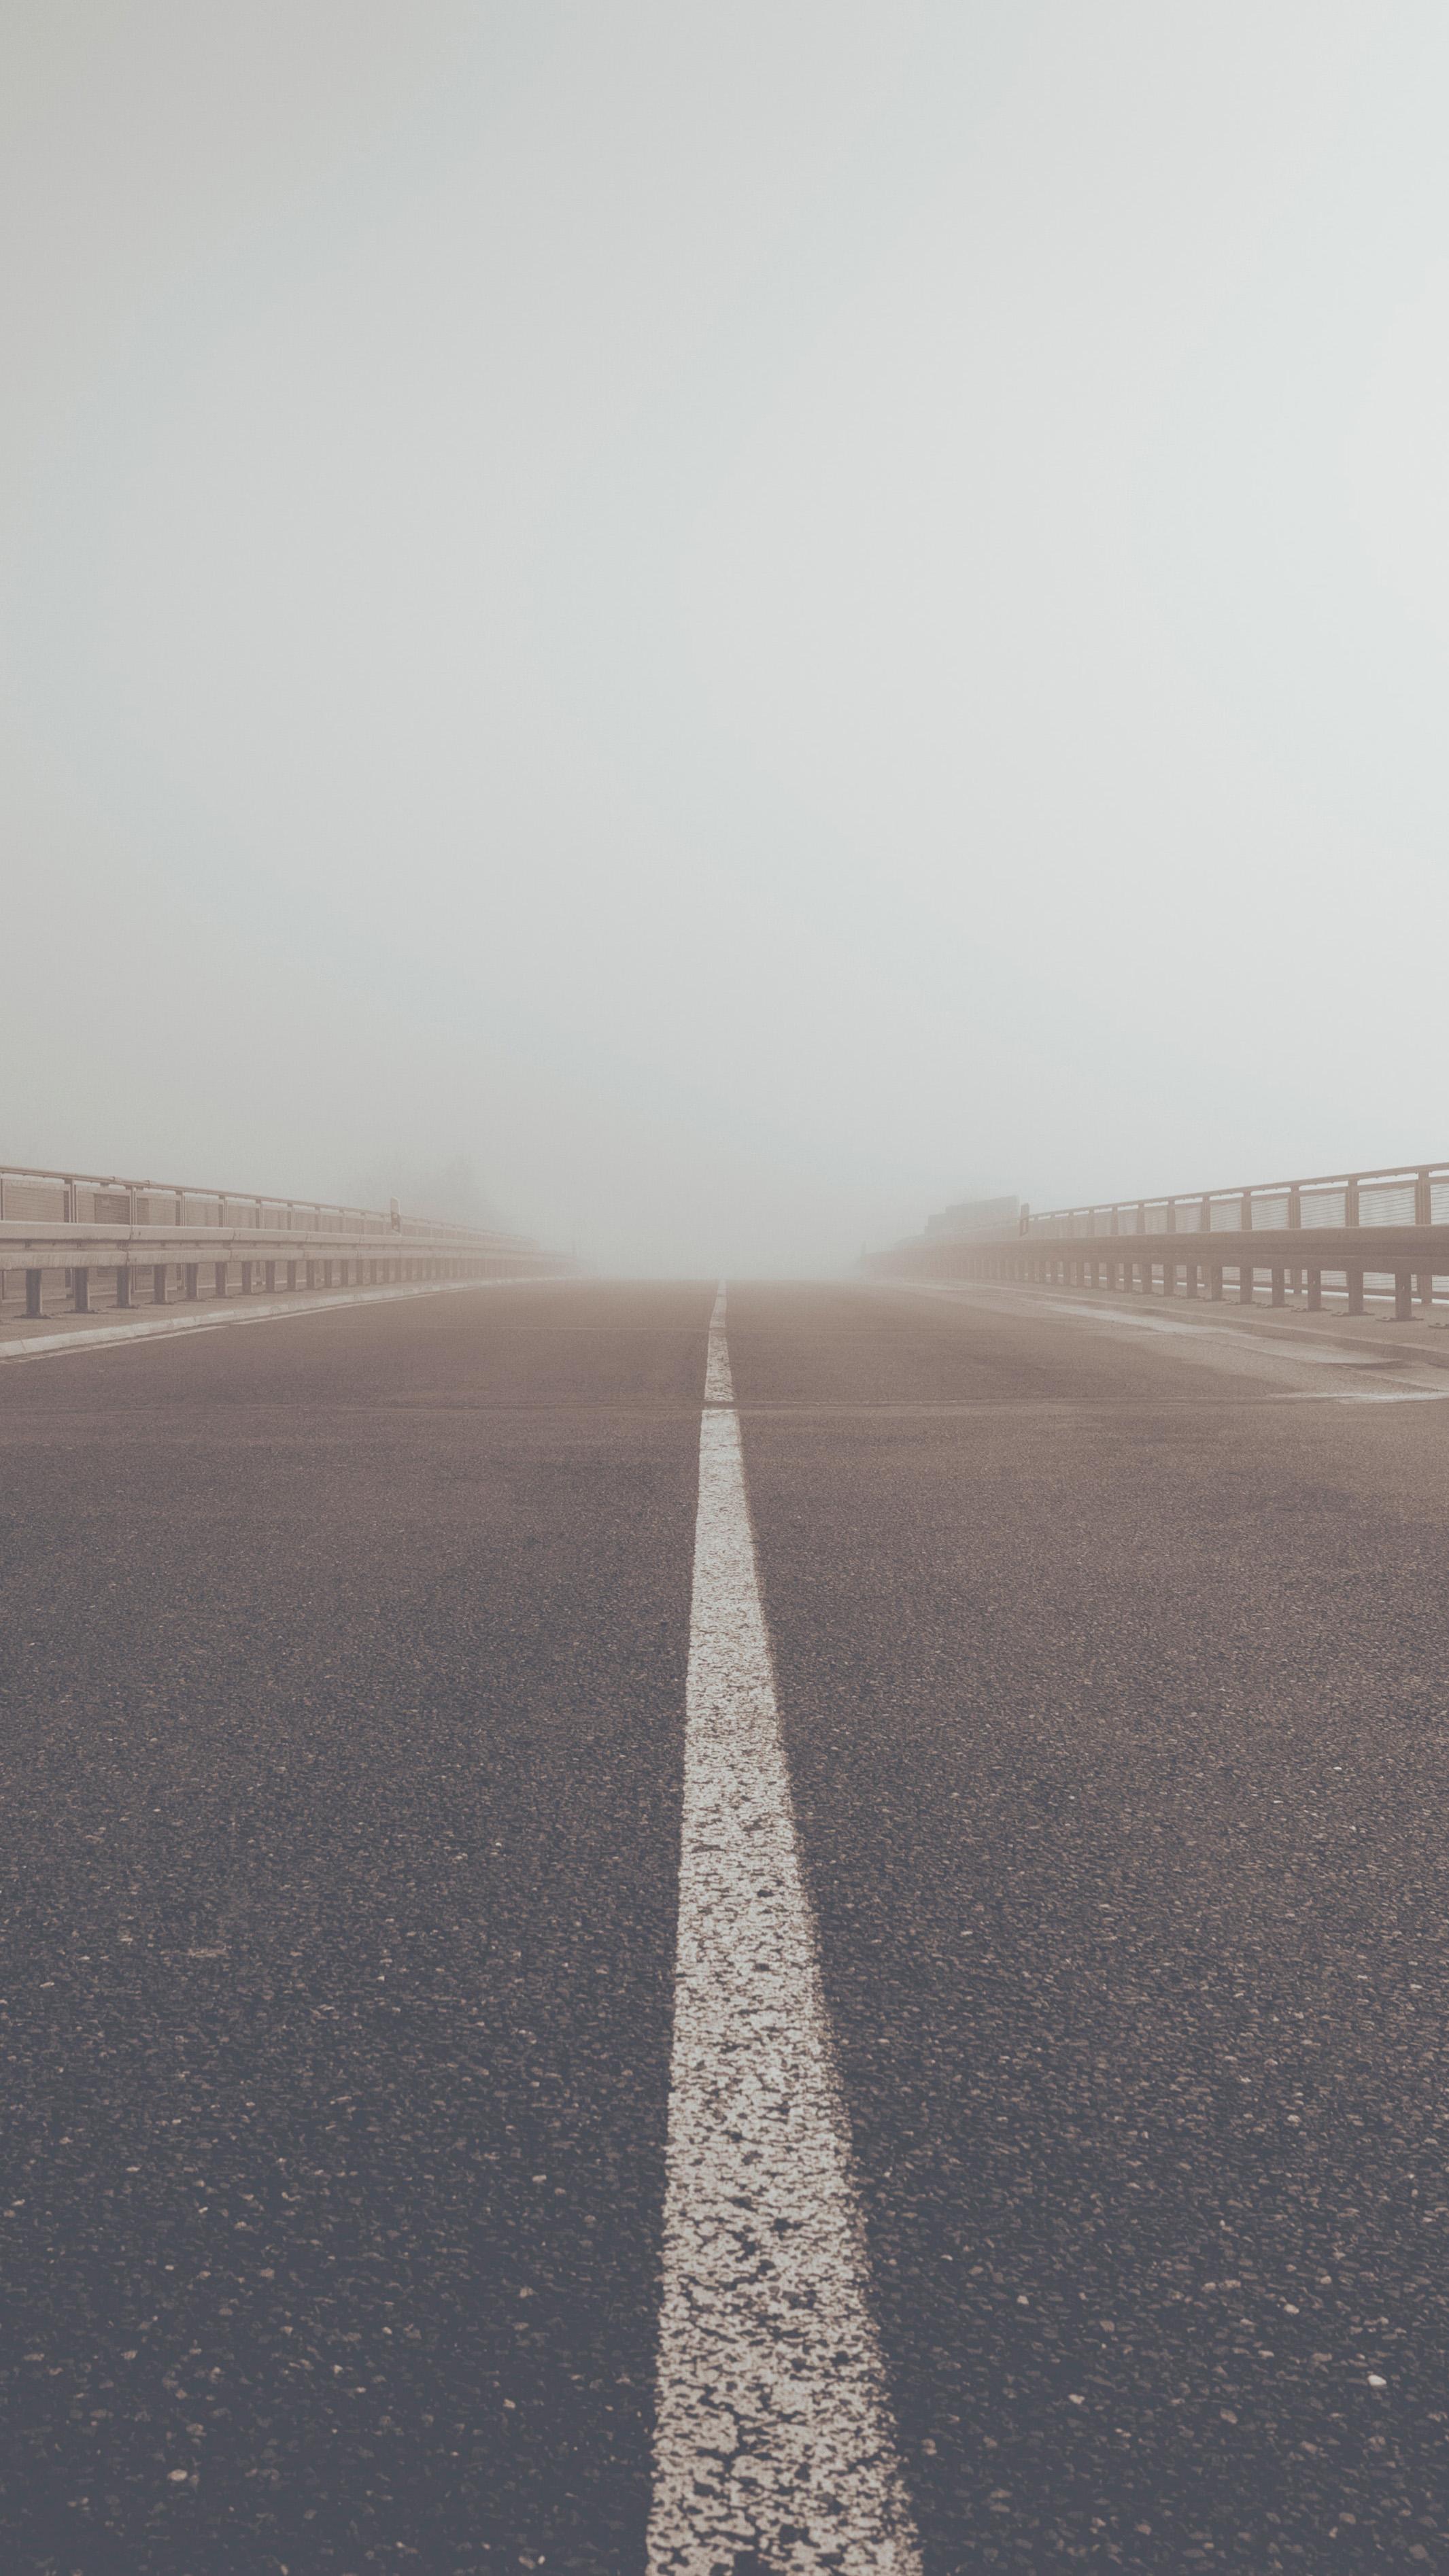 asphalt-fog-foggy-229014.jpg